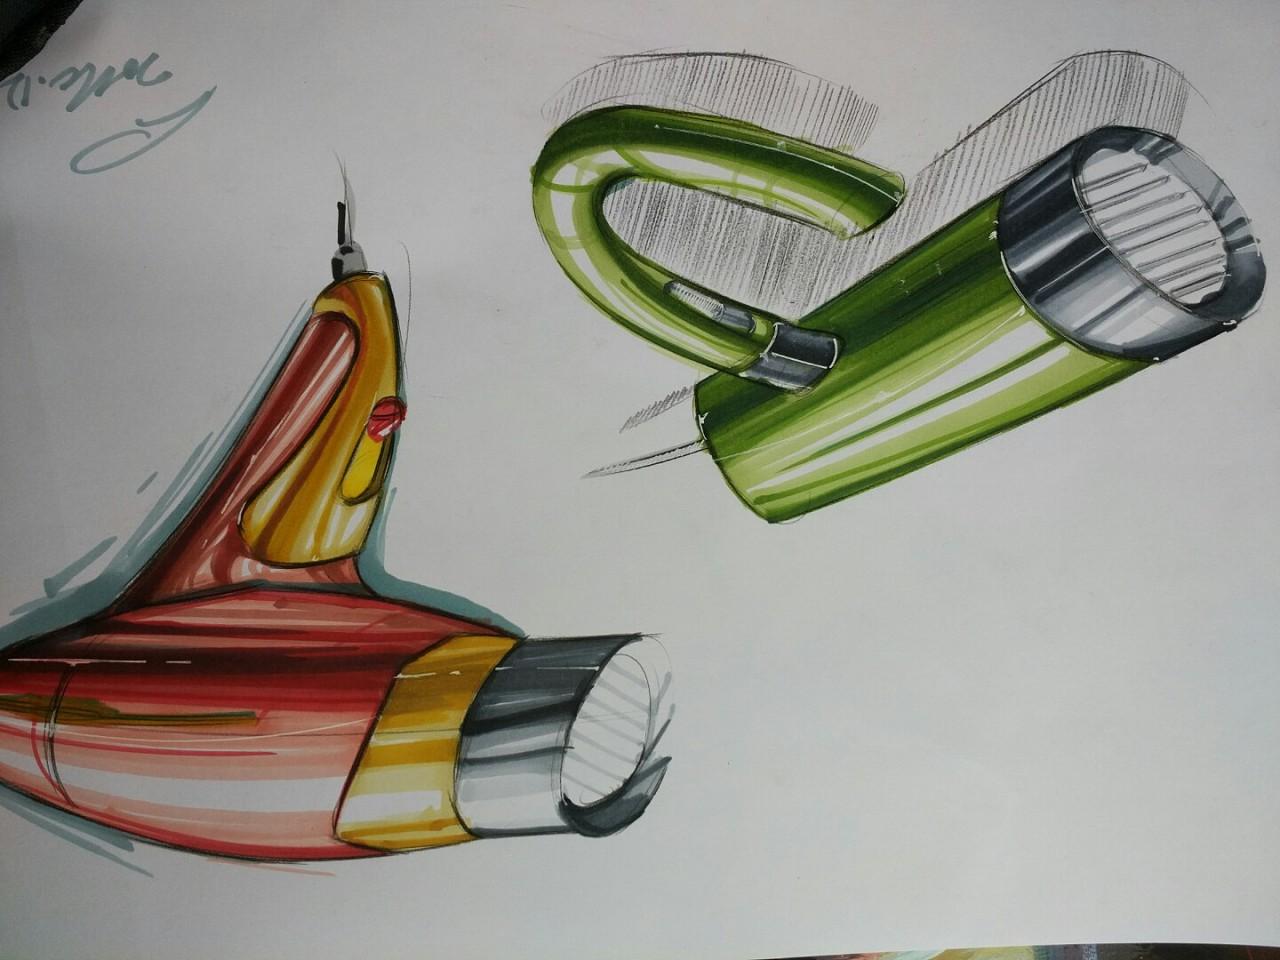 工业设计手绘 欢迎批评建议!|纯艺术|其他艺创|大白